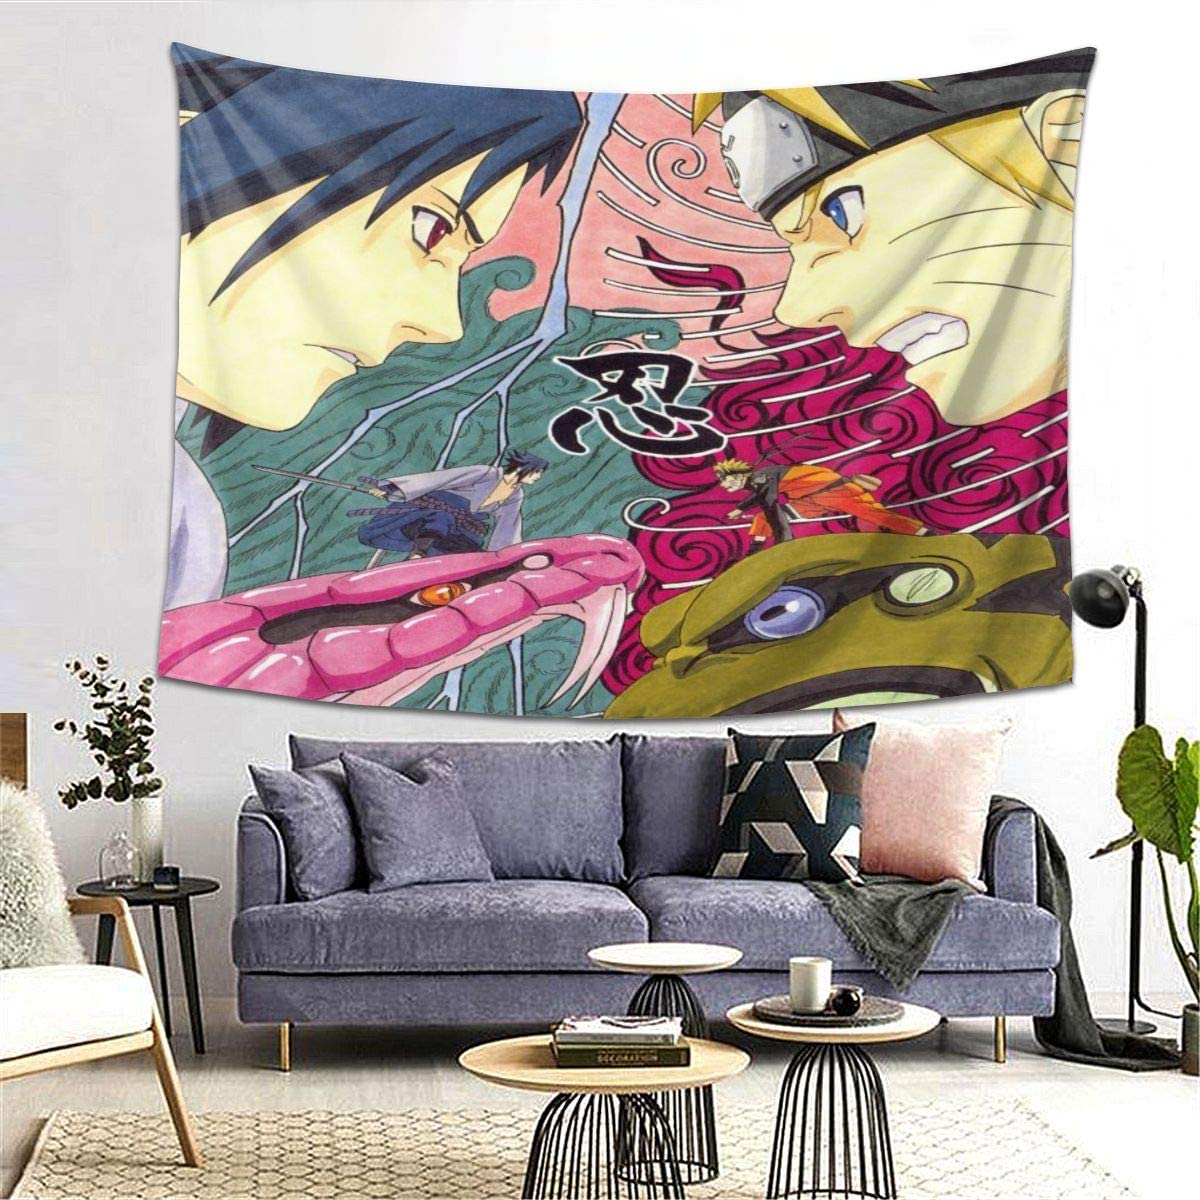 ELIZABETH WEBSTER Naruto Tapestry Decor Wall Hanging Blanket for Bedroom Home Dorm 60 X 80